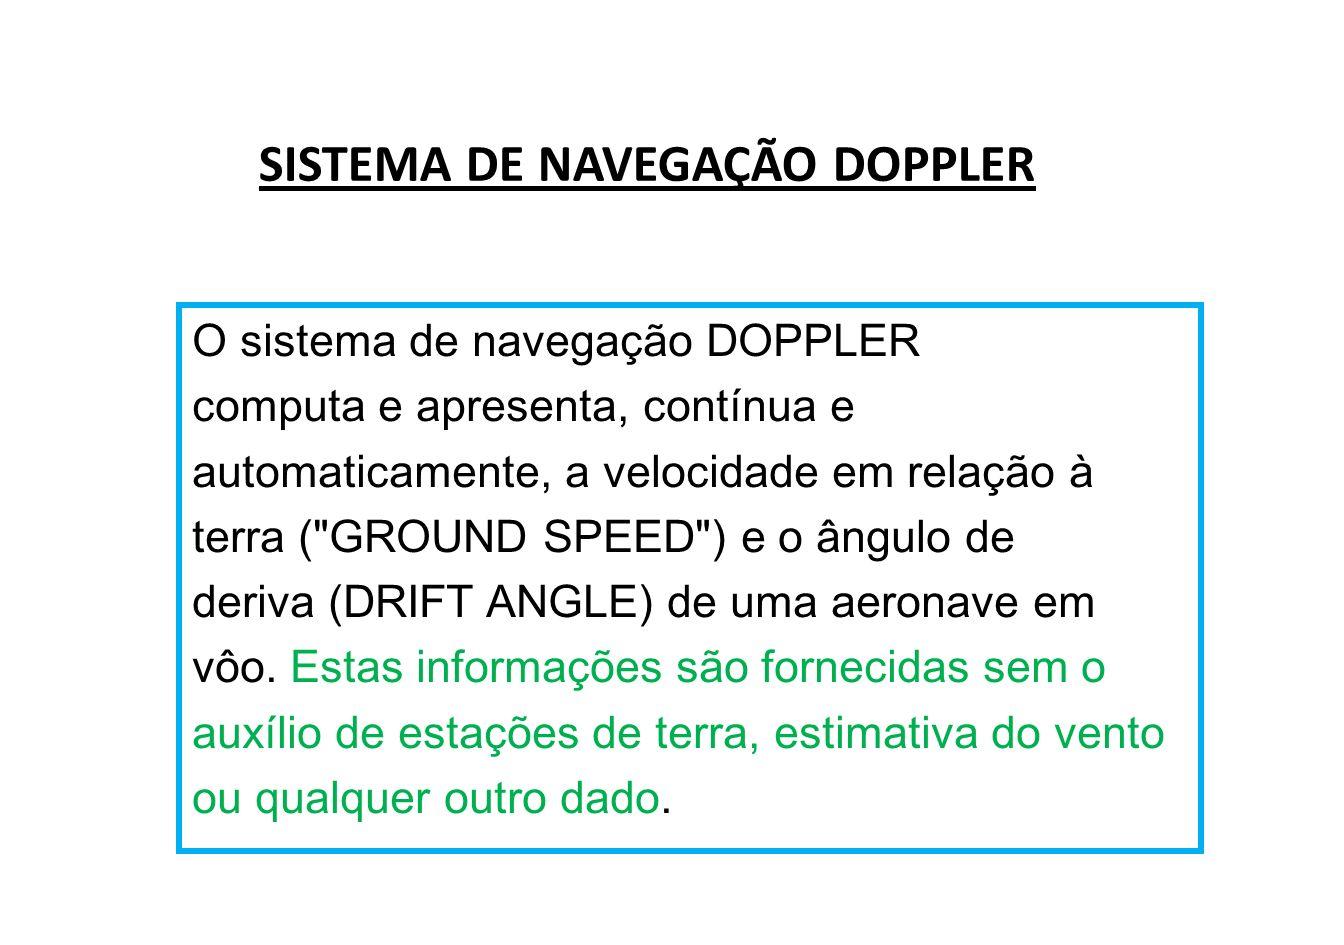 SISTEMA DE NAVEGAÇÃO DOPPLER